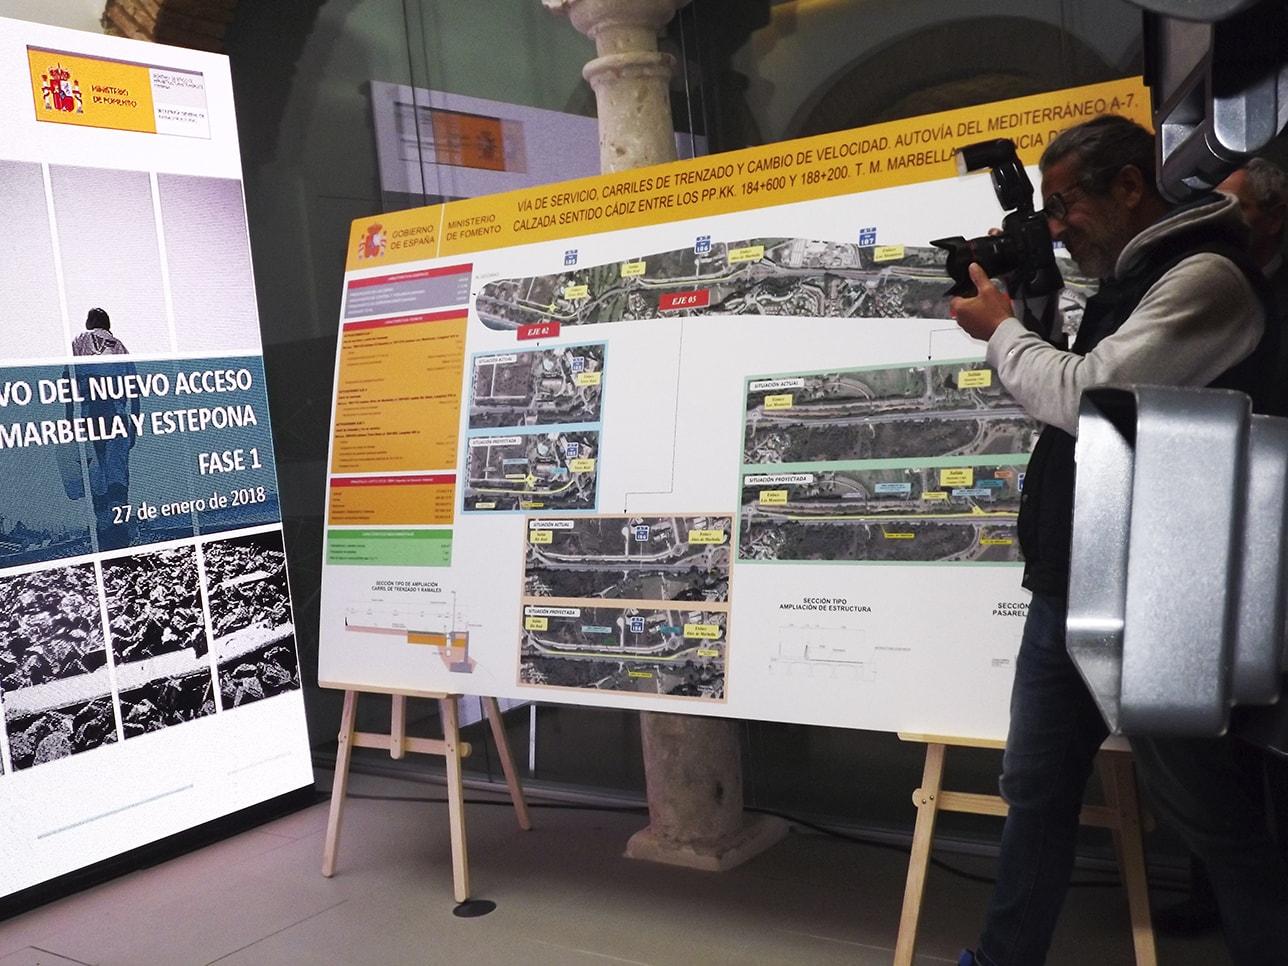 Fomento presenta el proyecto del nuevo acceso ferroviario a Marbella y también otro de carretera